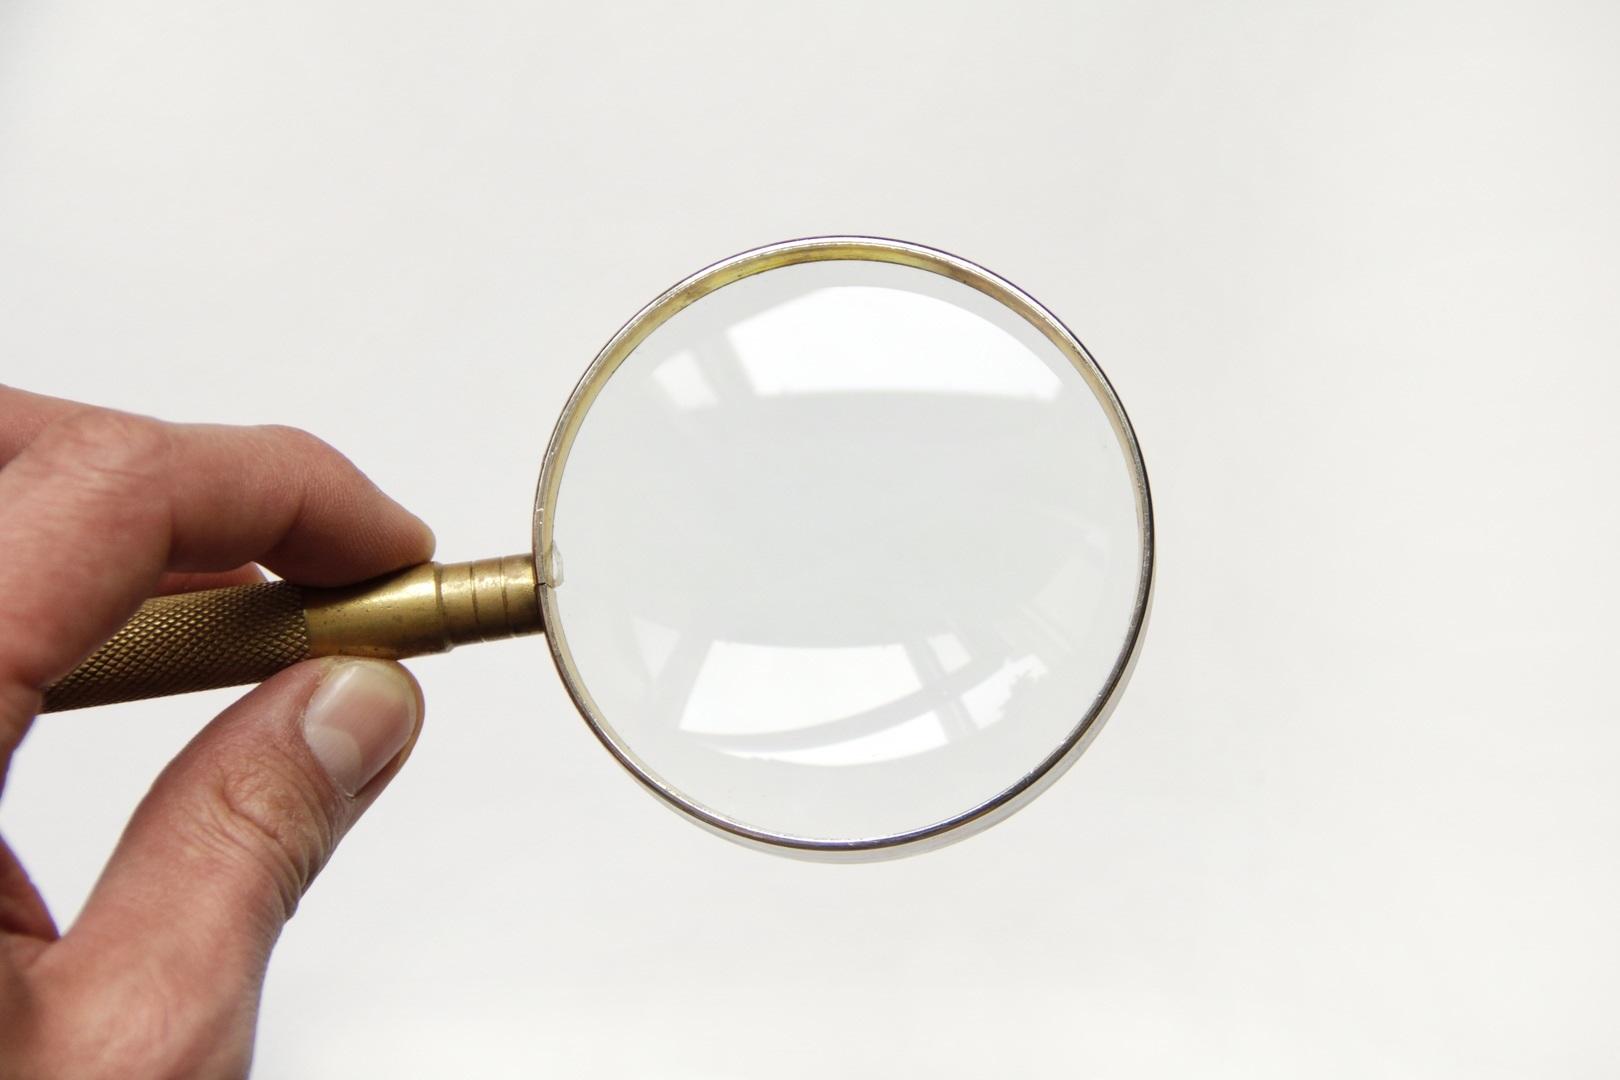 letselschade onderzoek verzekeraar